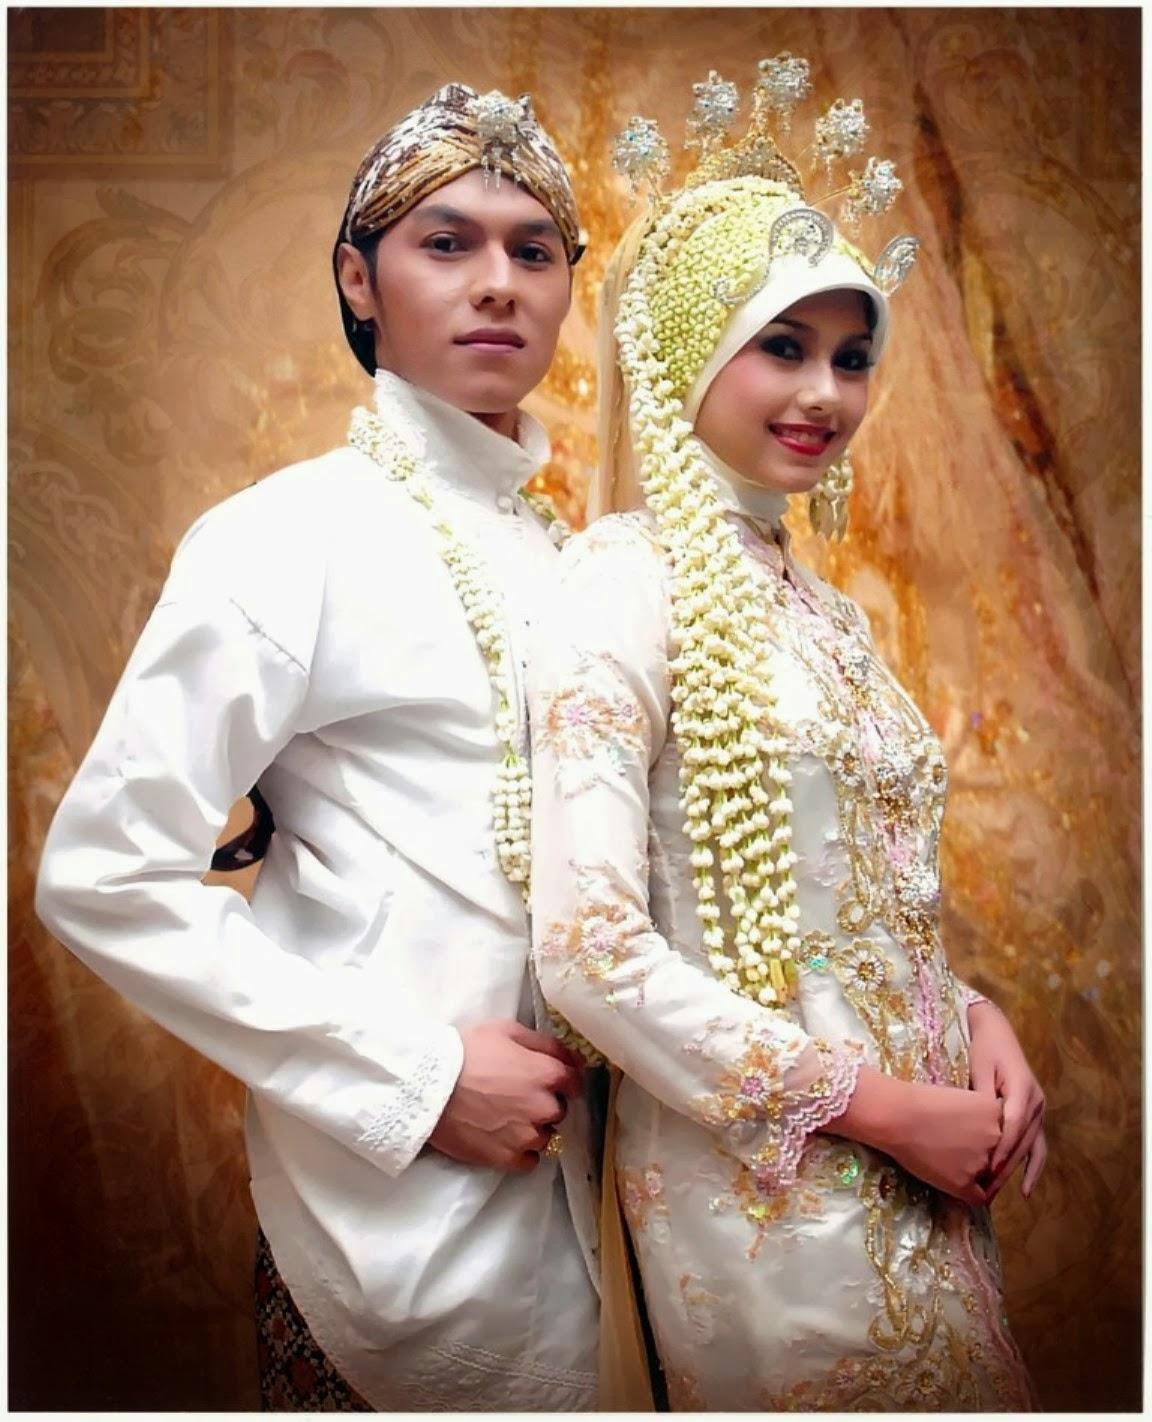 Kebaya pengantin muslim modern warna putih elegan